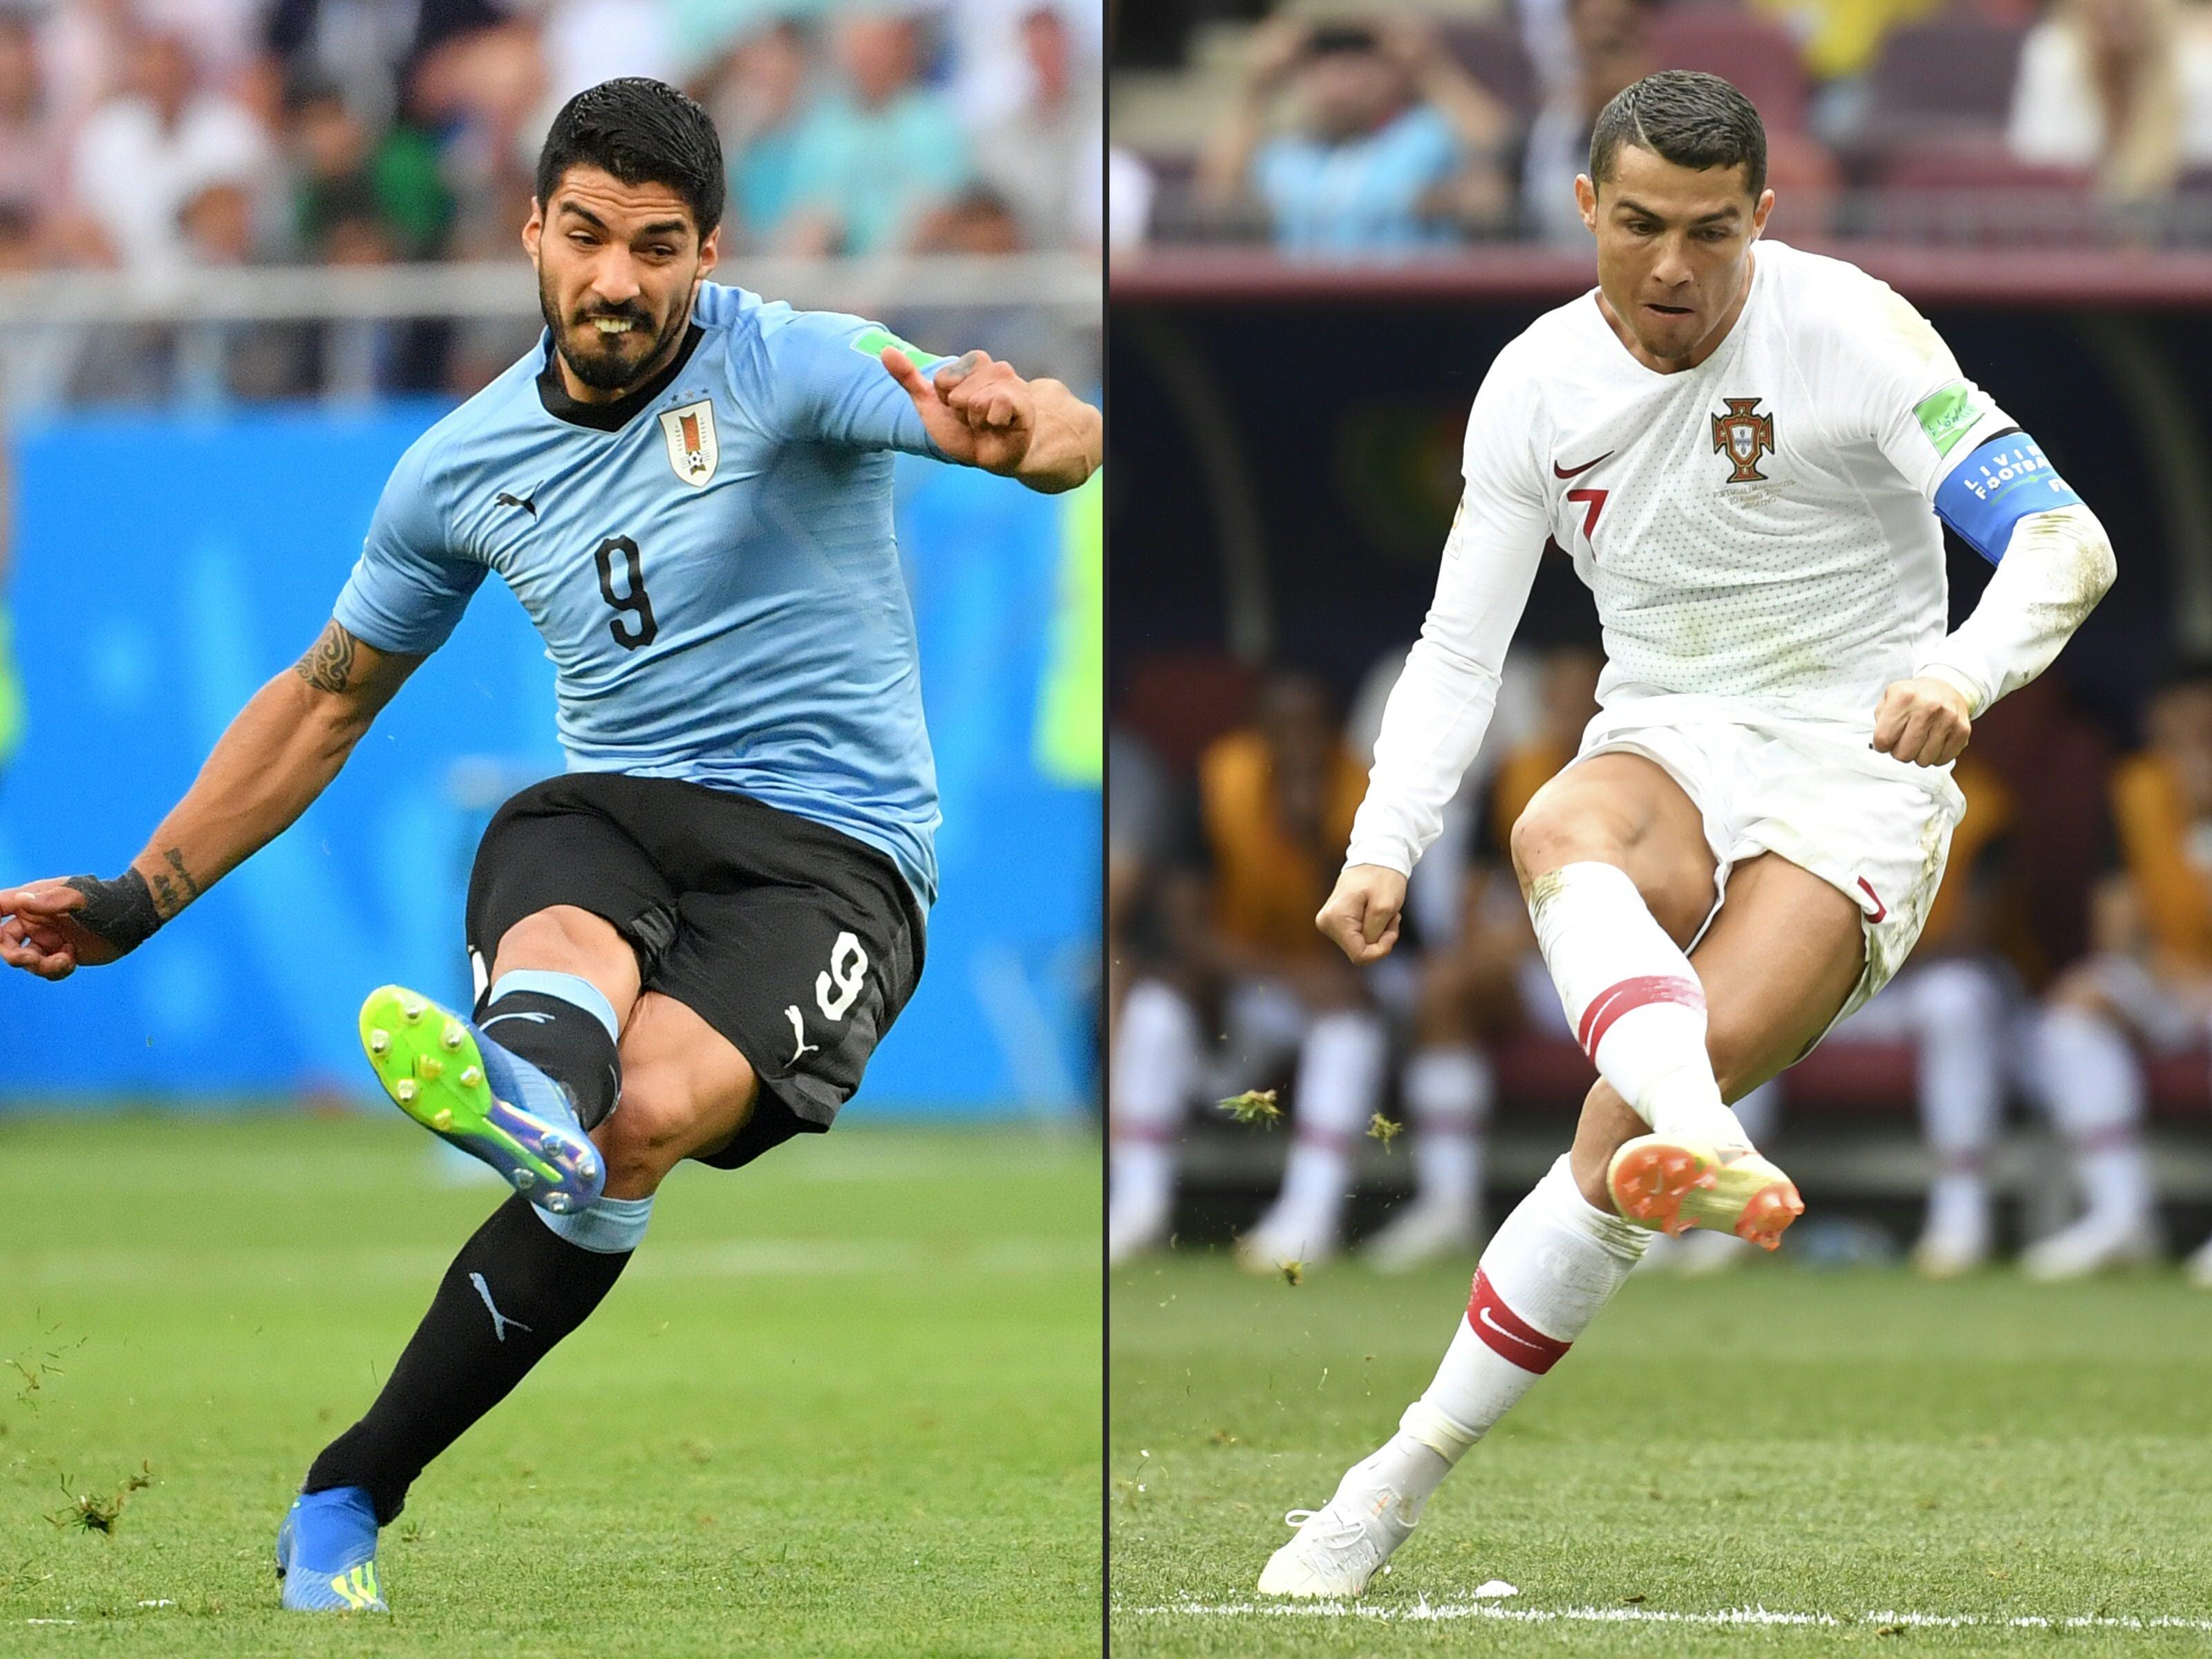 Mondiali 2018 Russia, Uruguay in ansia per Cavani: problema al polpaccio